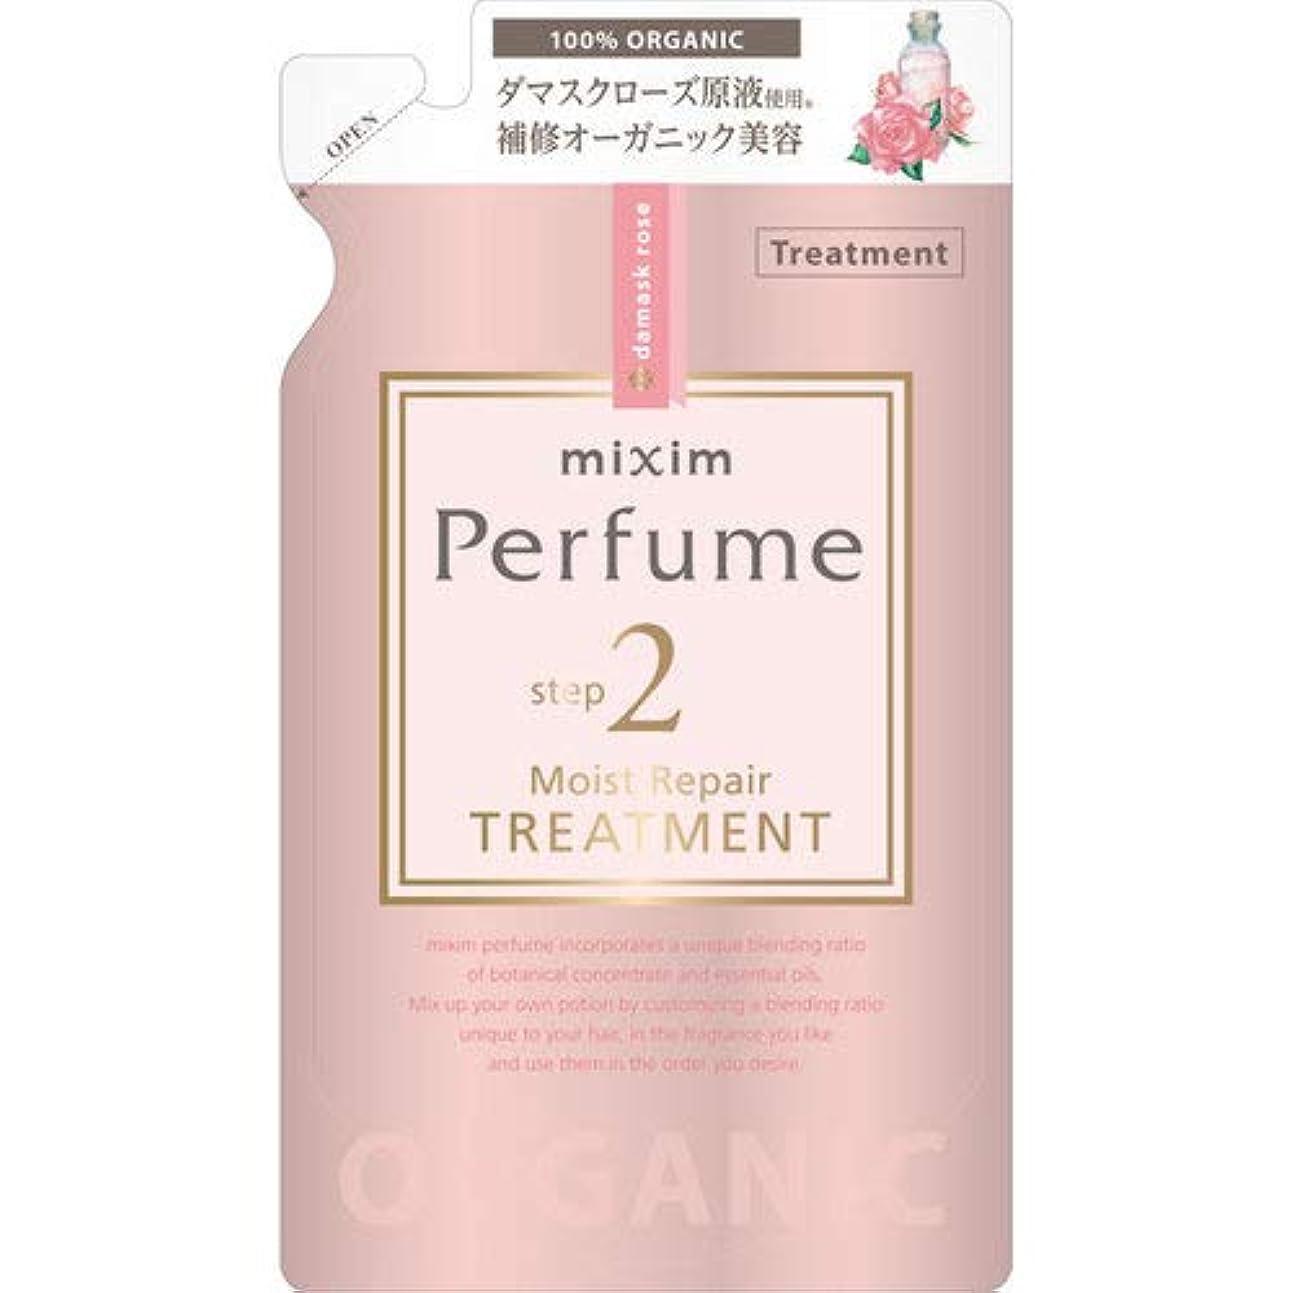 政治家の毎週アナウンサーmixim Perfume(ミクシムパフューム) モイストリペア ヘアトリートメントつめかえ用 350g